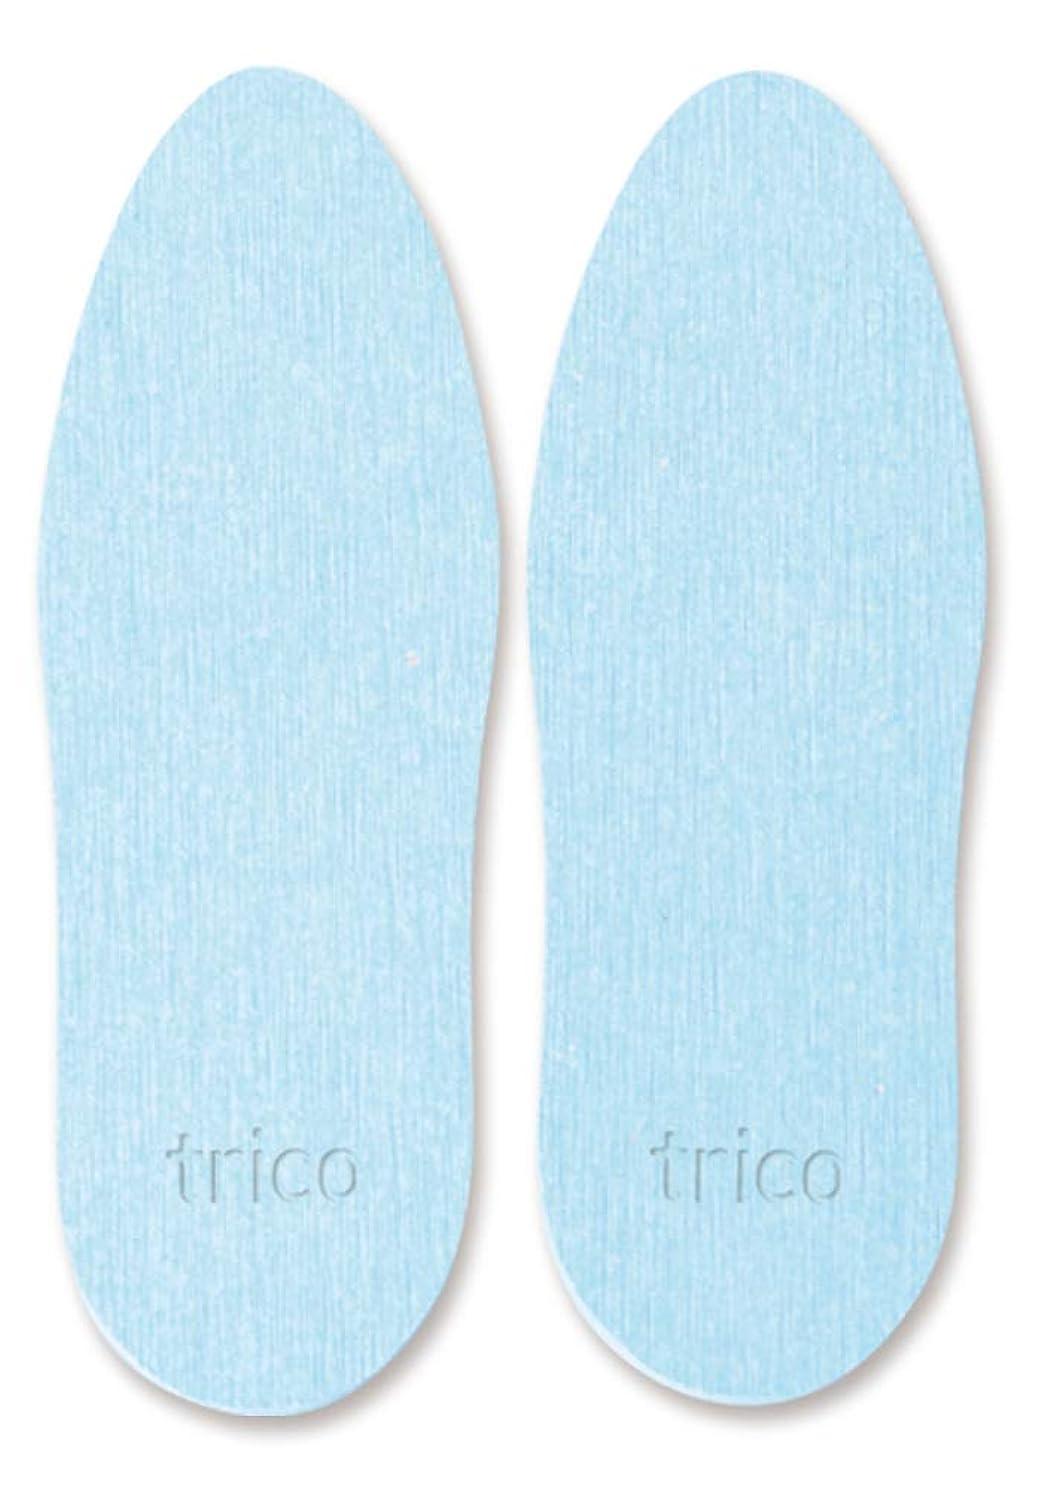 旅証人実験をするtrico 靴の消臭 珪藻土 シューズドライプレート ブルー CTZ-18-02